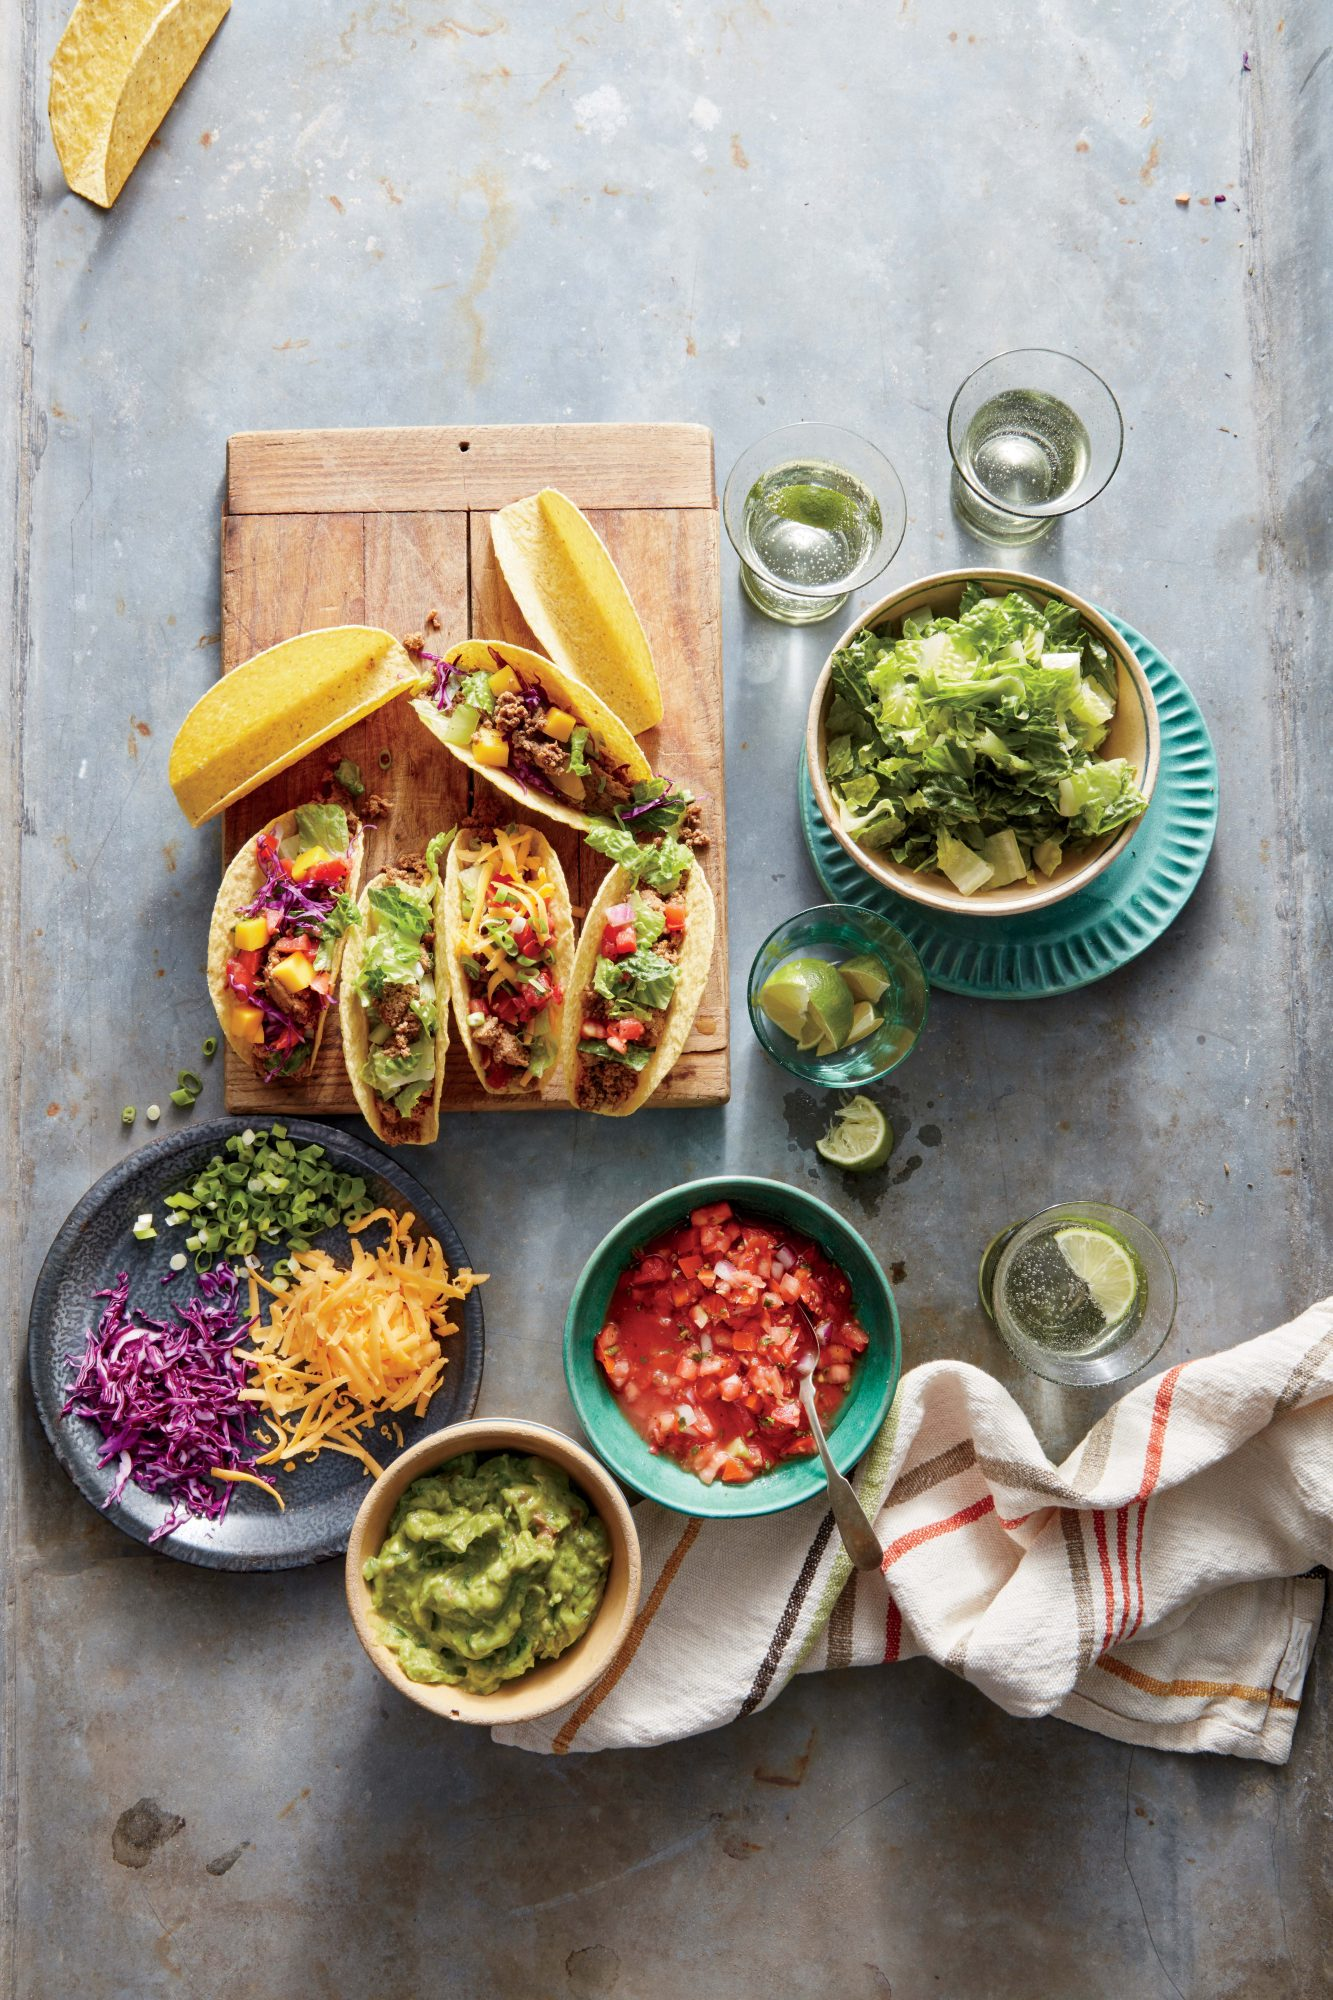 family-style taco night recipe | myrecipes